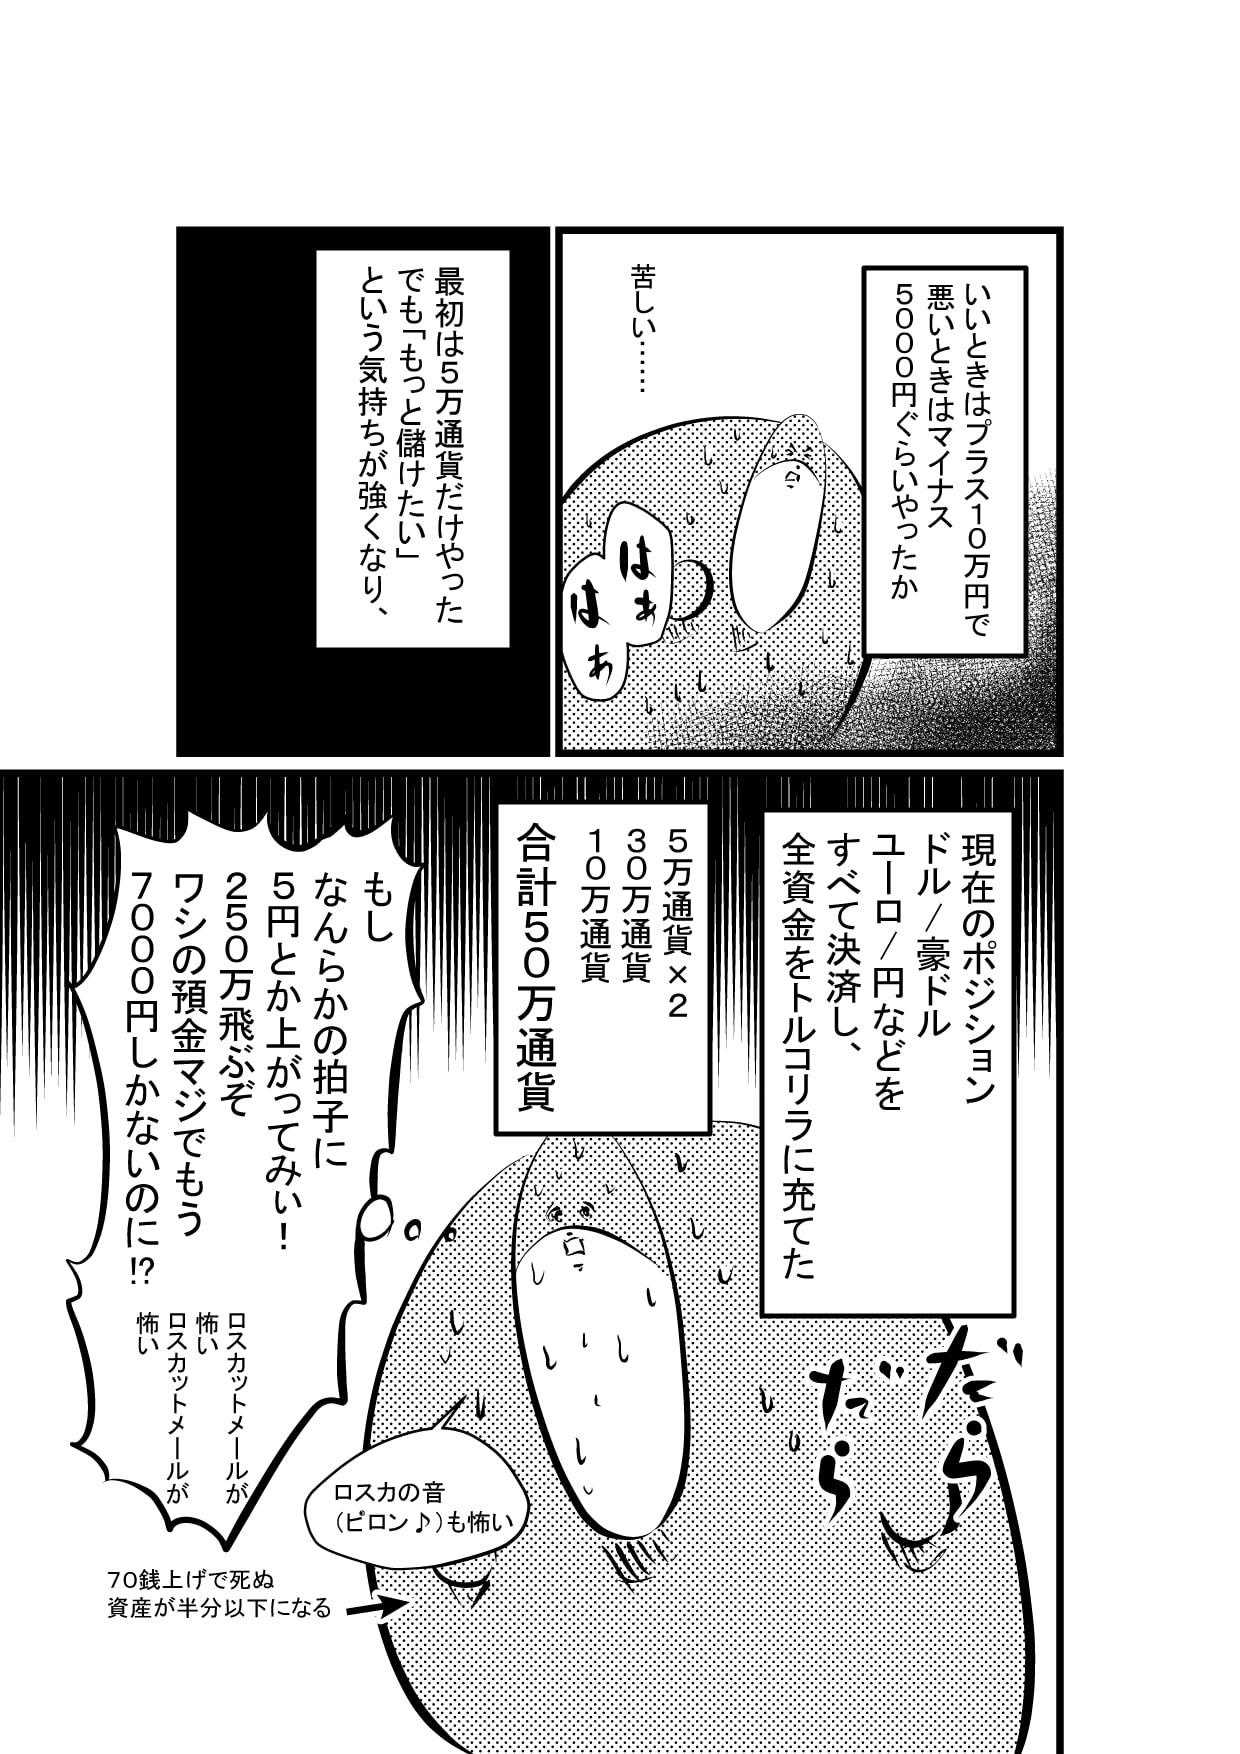 クマンガFX・株(5) トルコリラ編